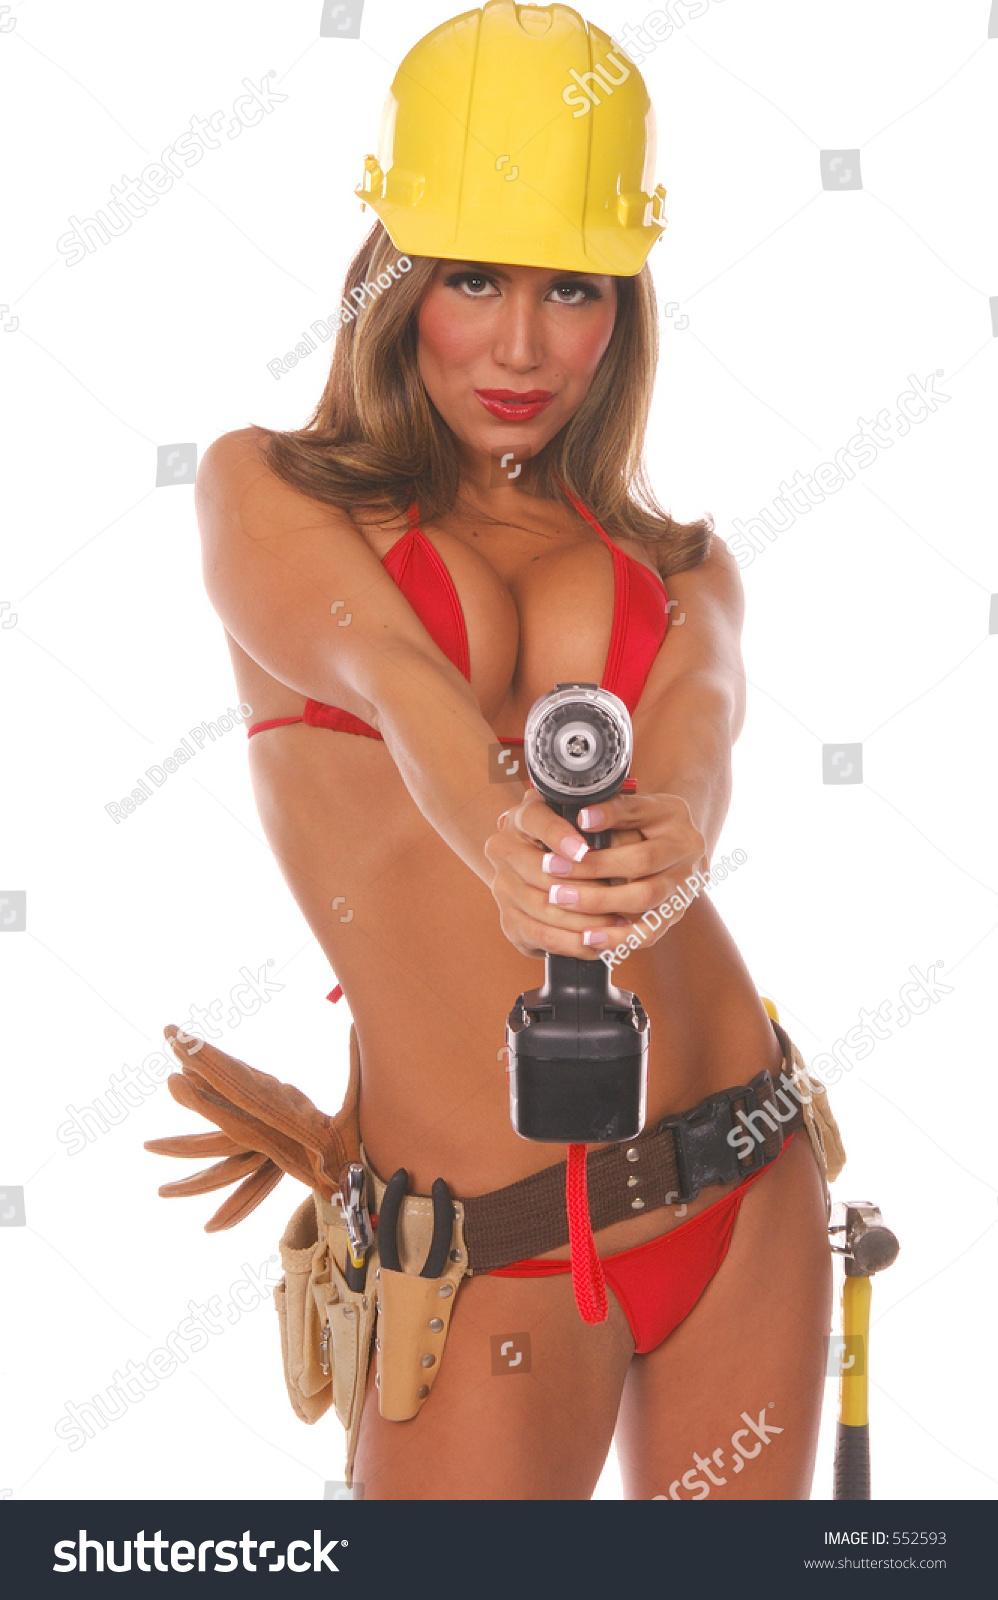 Pelicula peruana porno xxx